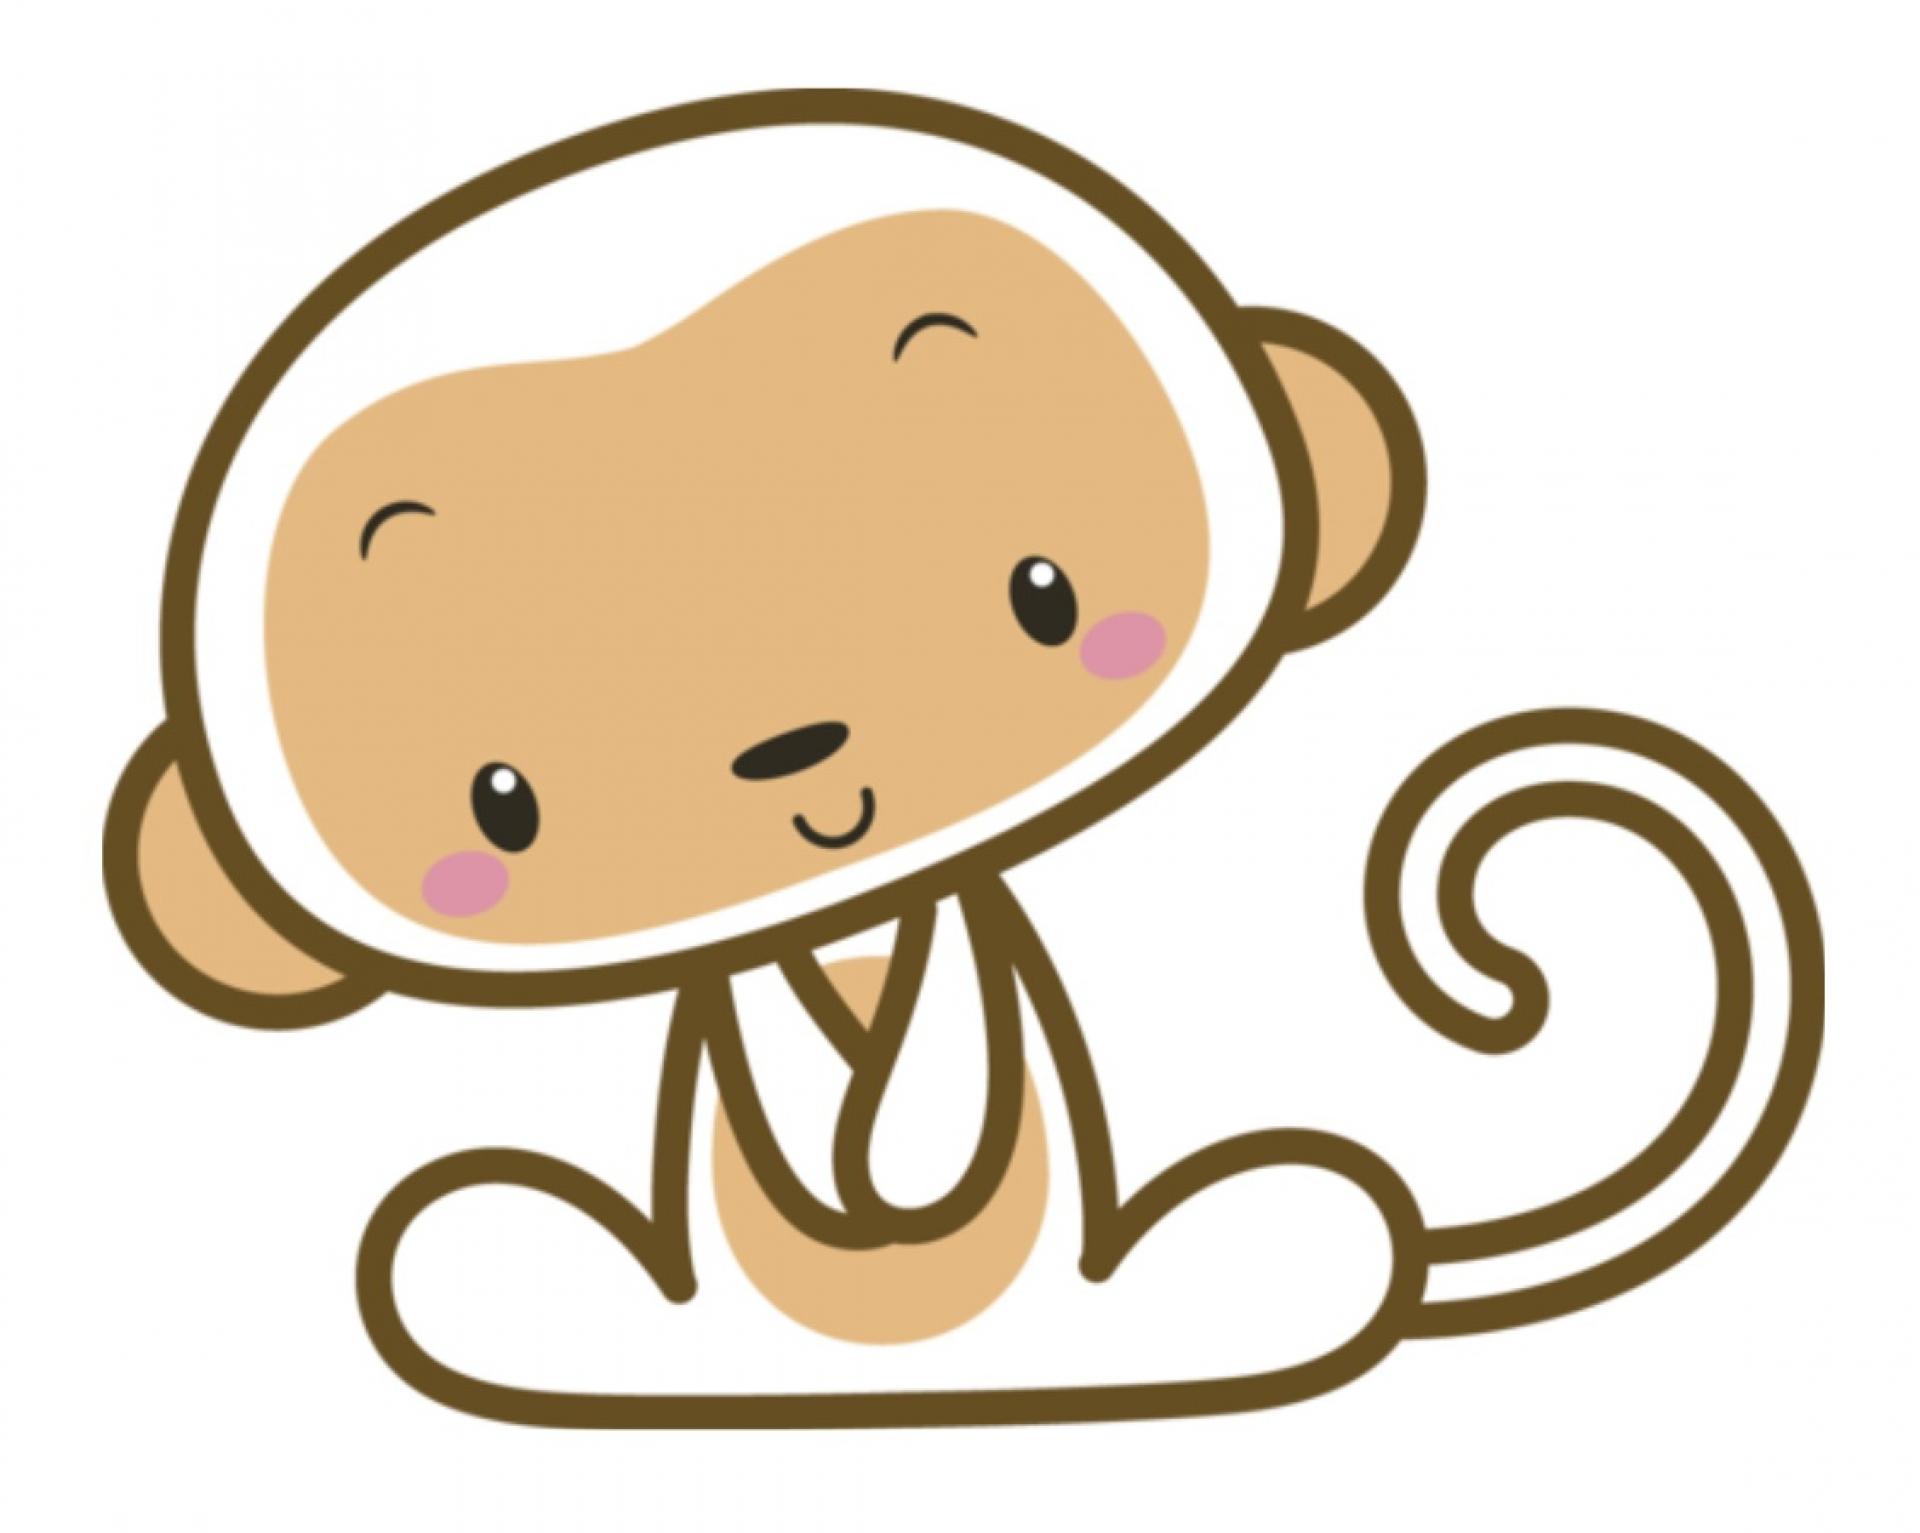 1920x1533 Cute Japanese Cartoon Characters